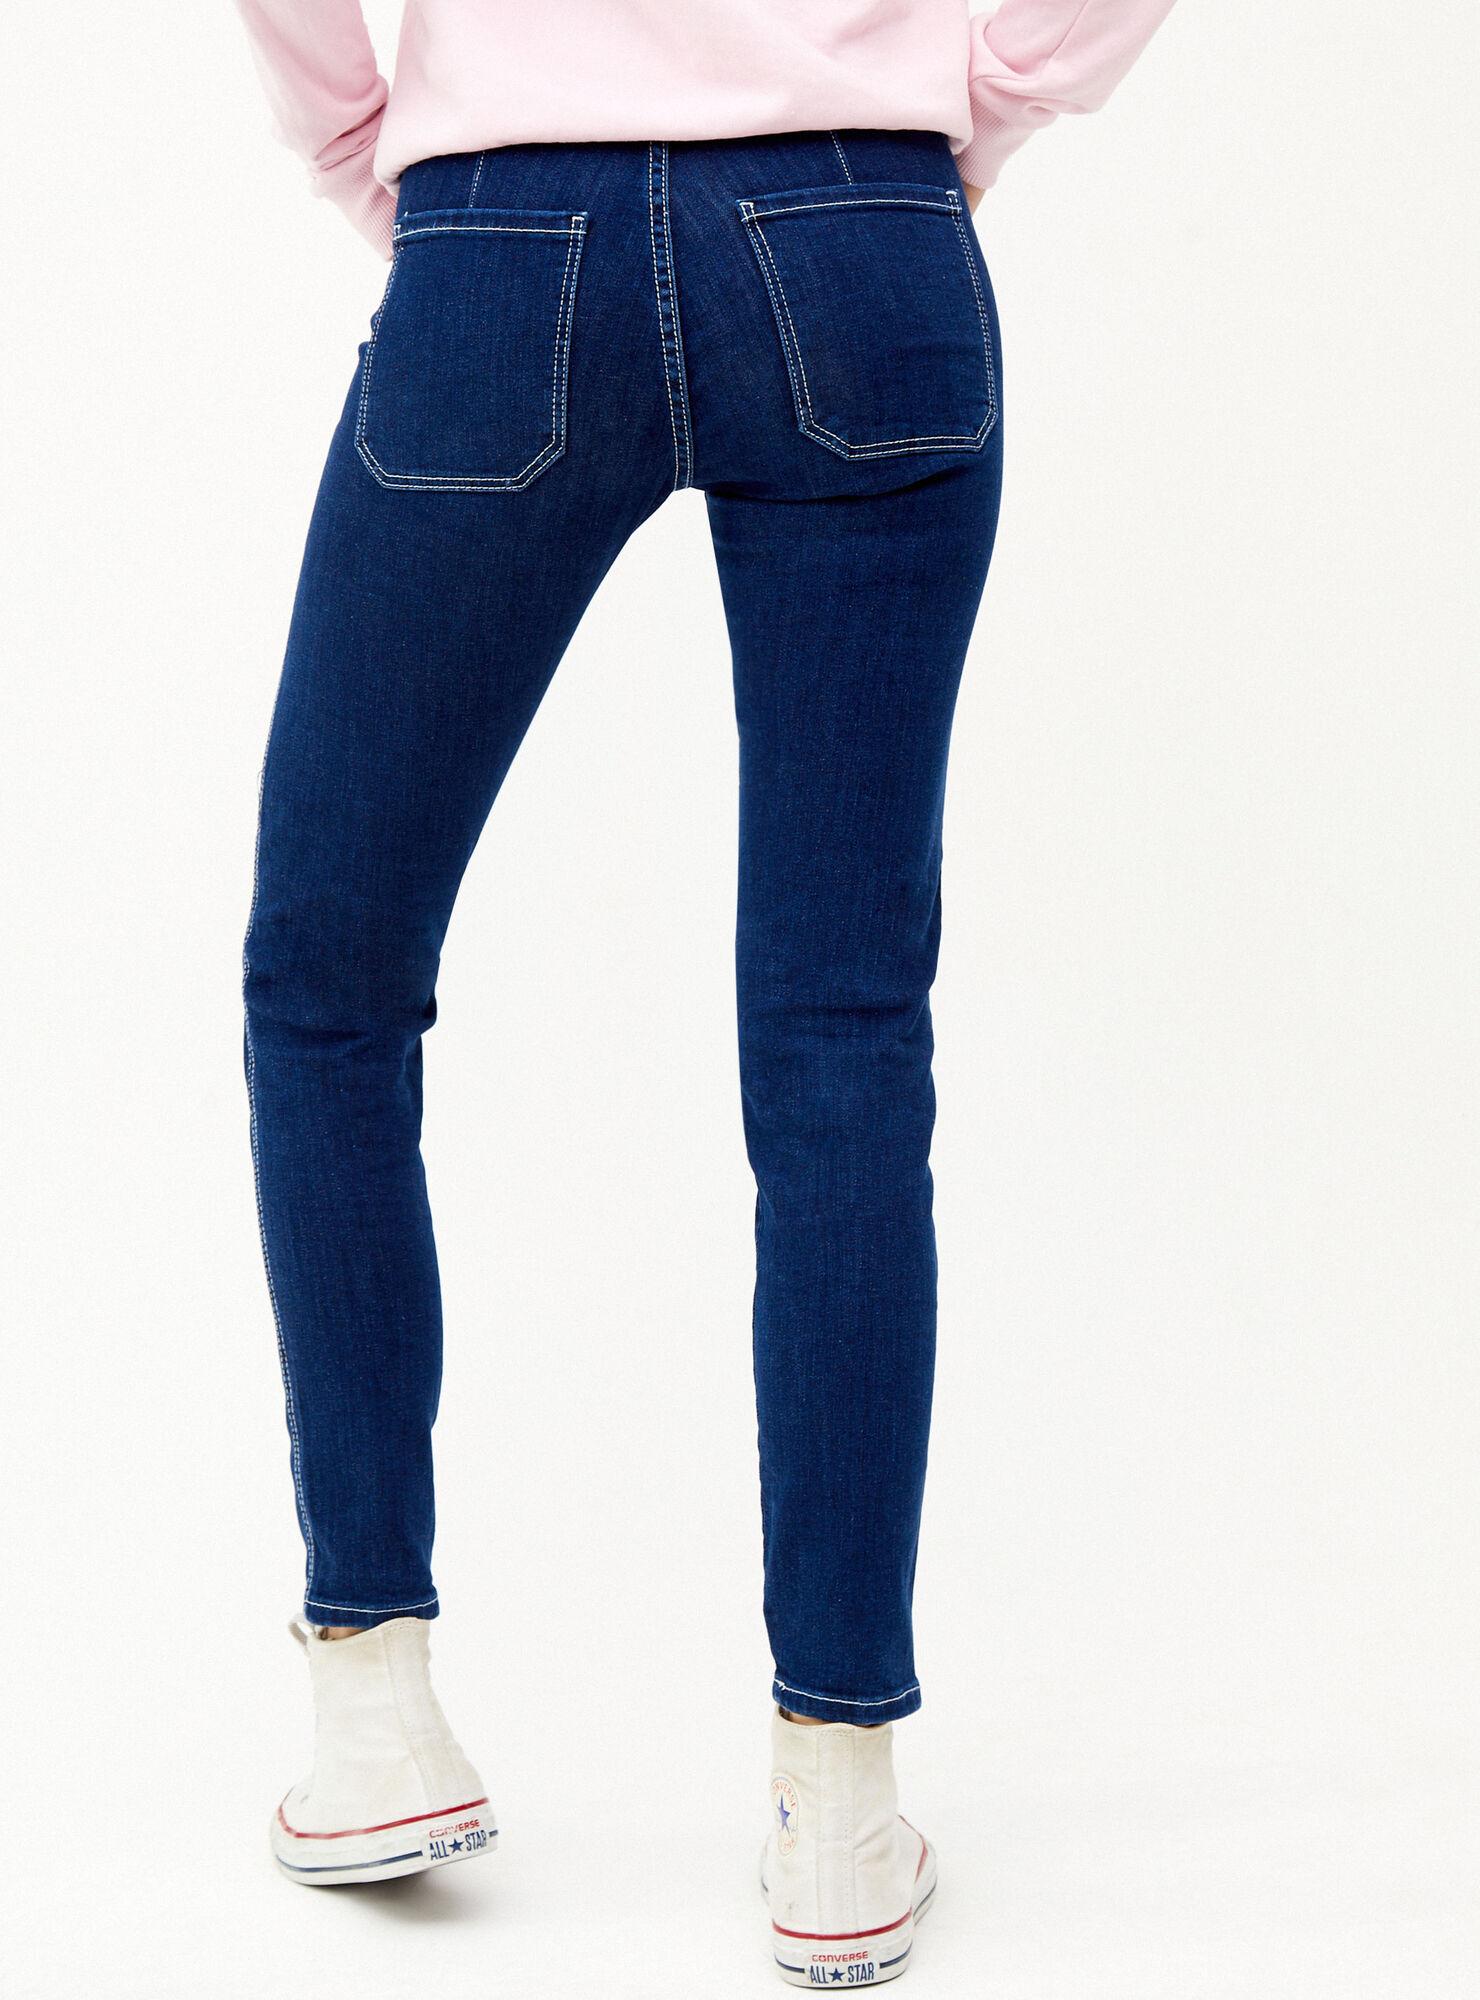 Jeans Skinny Botones Bershka Vestuario Mujer Paris Cl